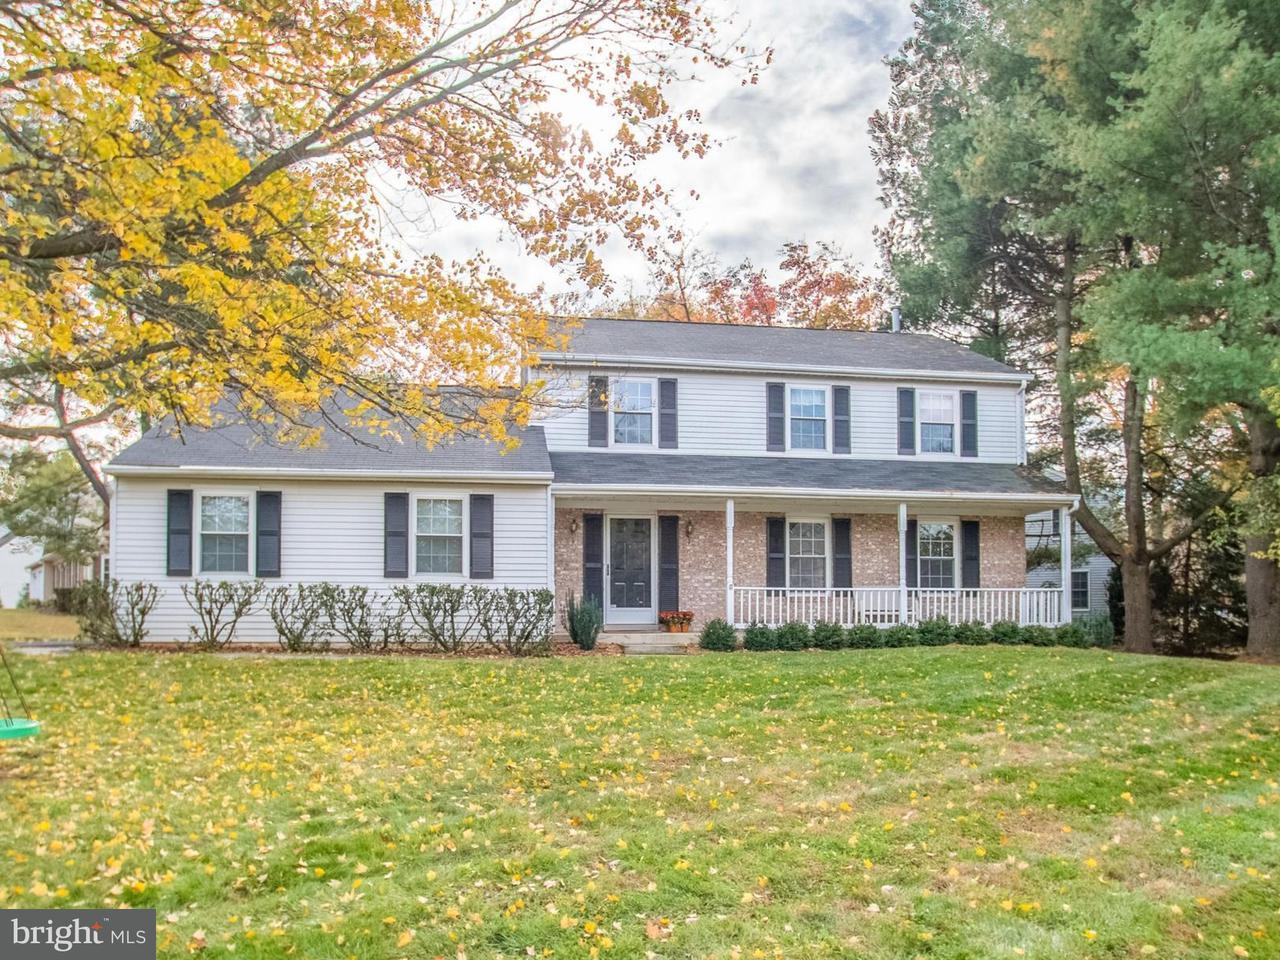 Maison unifamiliale pour l Vente à 15609 WAPELLO WAY 15609 WAPELLO WAY Derwood, Maryland 20855 États-Unis